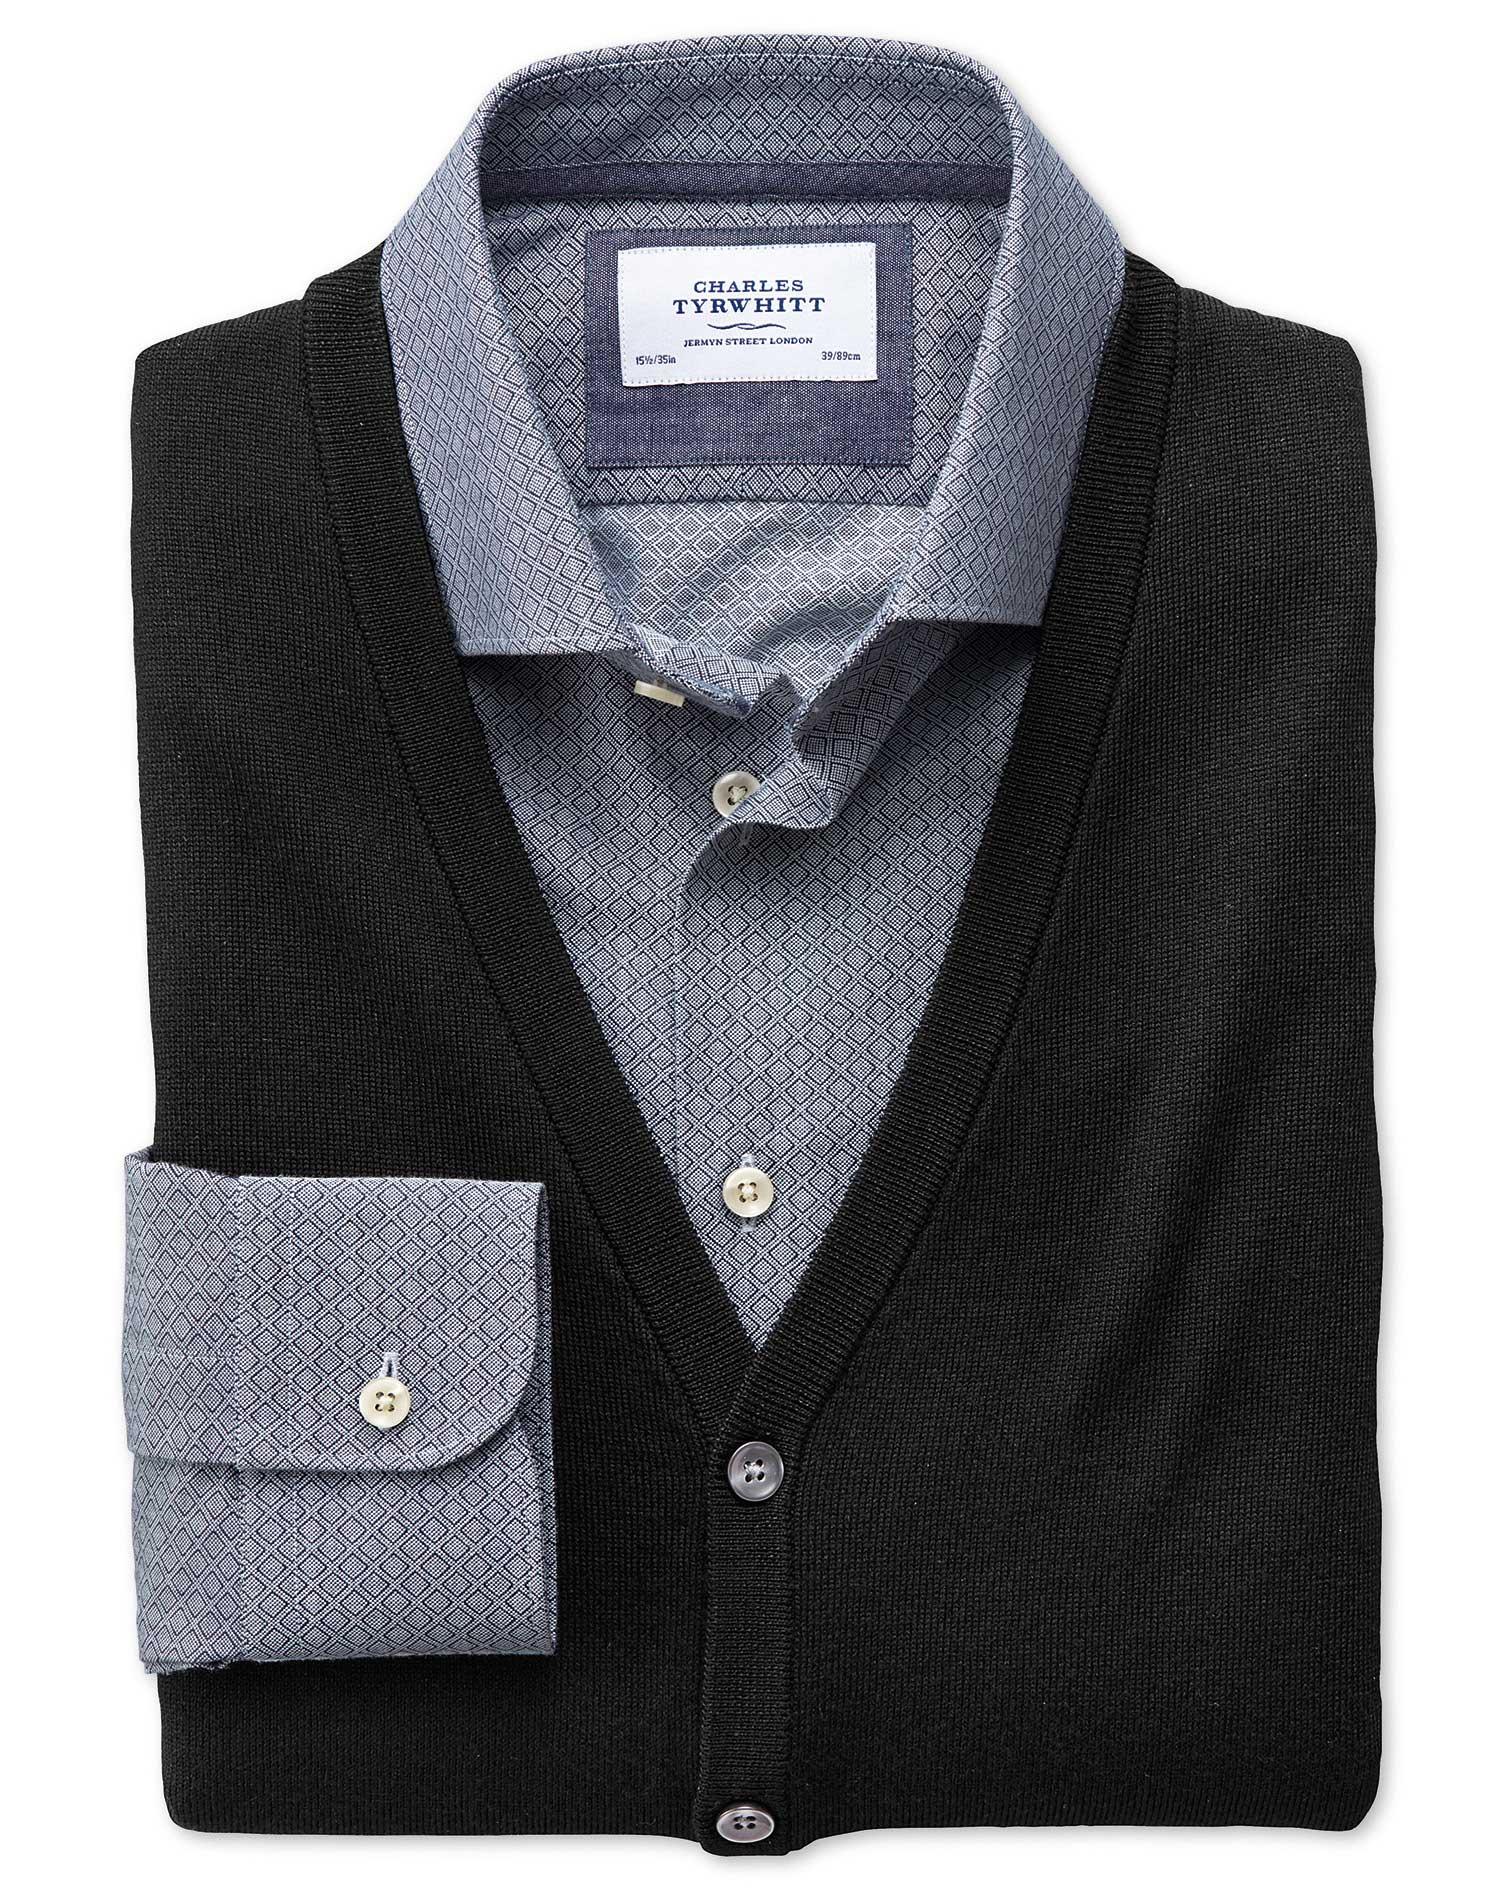 Black Merino Wool Waistcoat Size Small by Charles Tyrwhitt